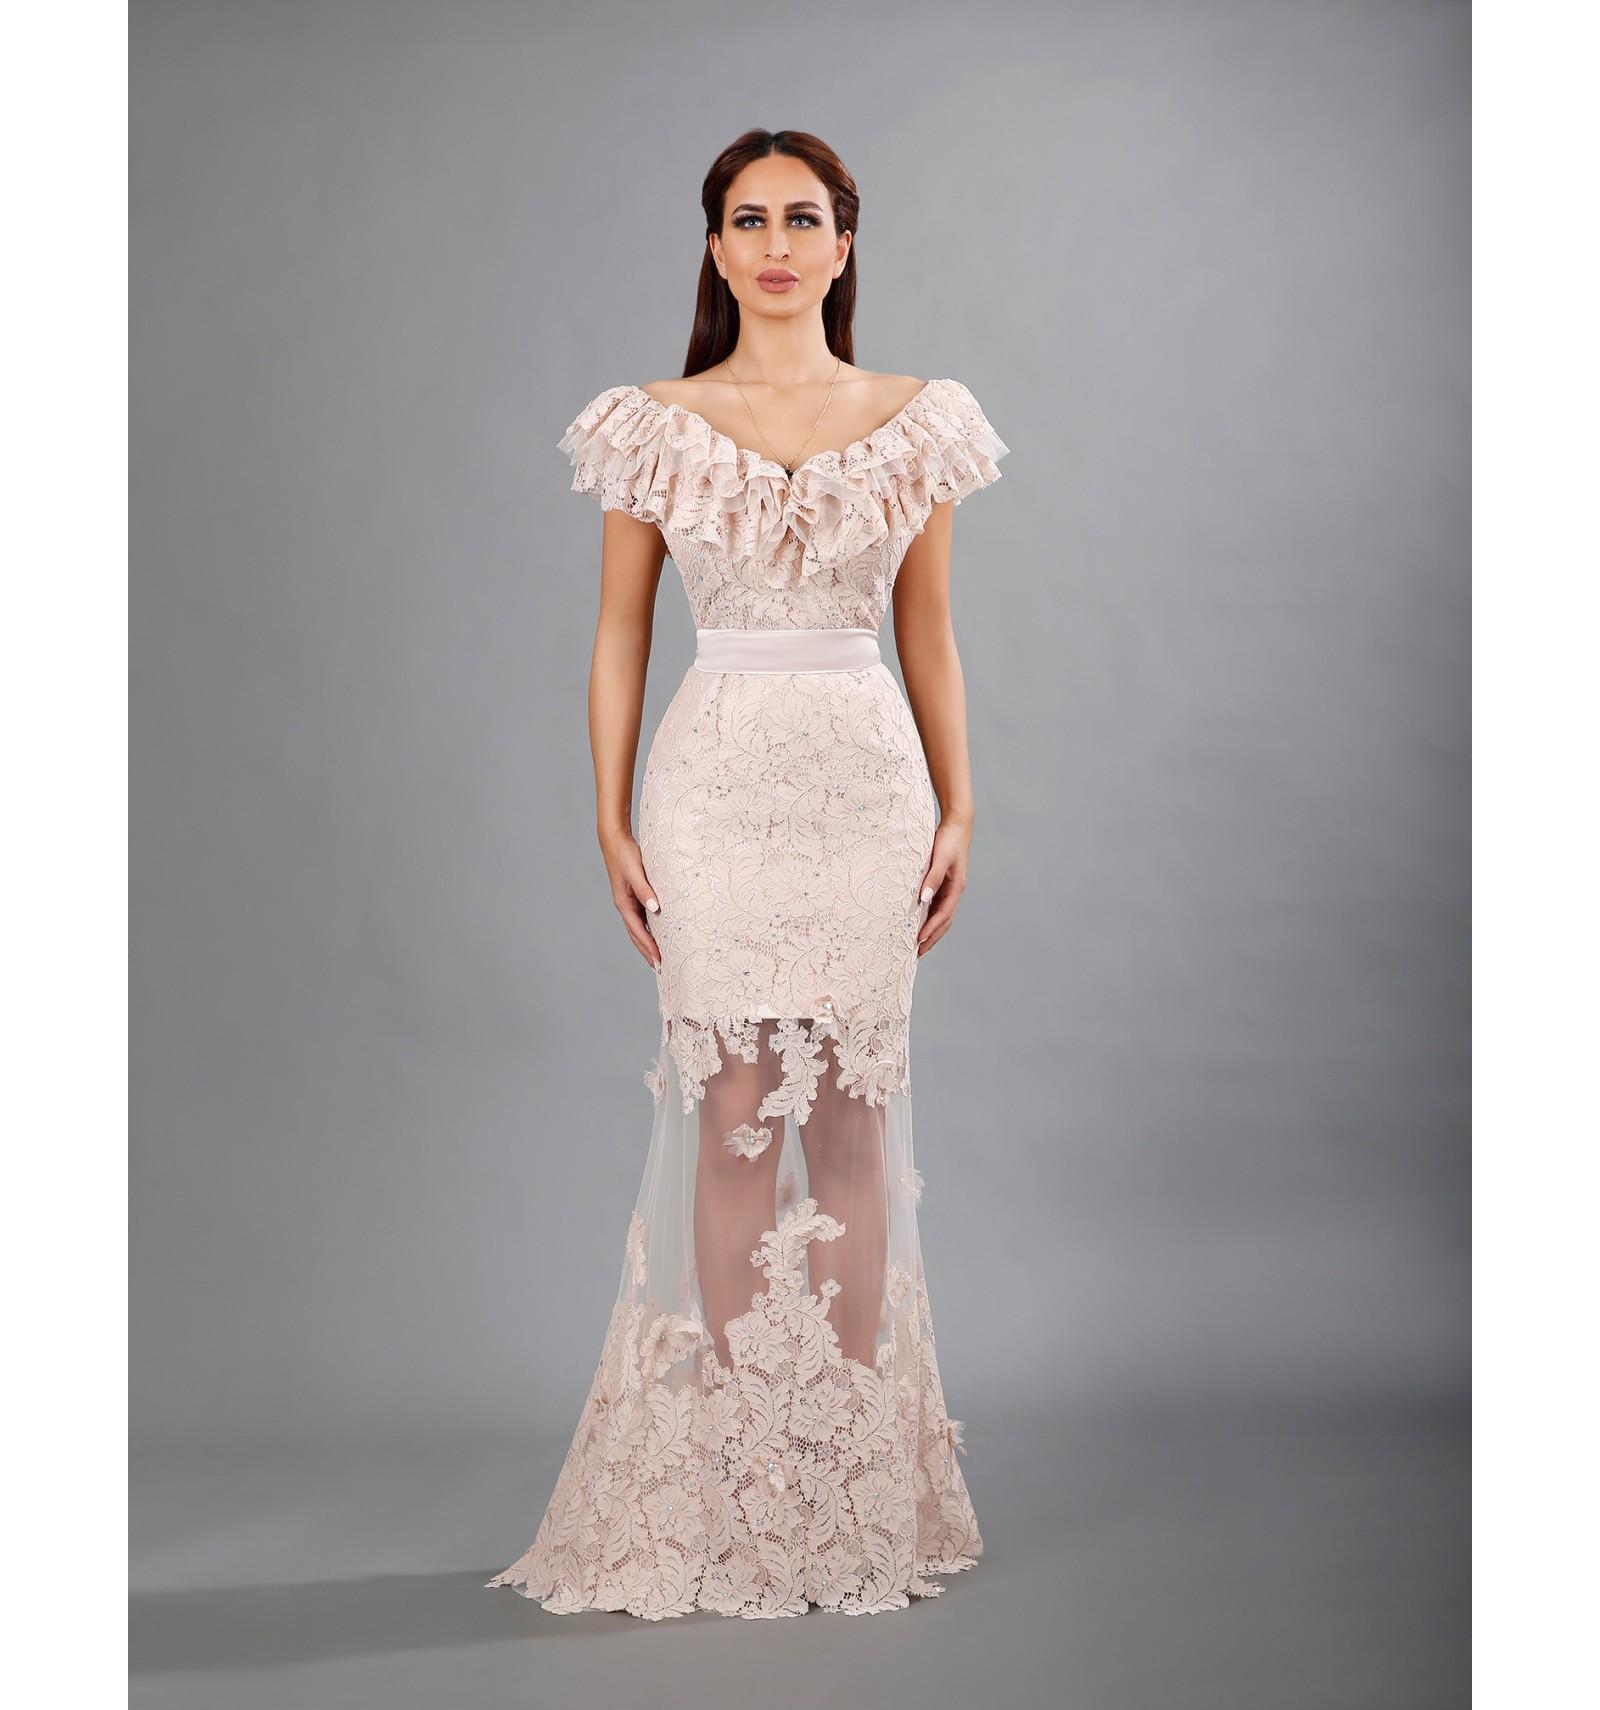 بالصور فساتين دانتيل , تالقى بجمال فستانك 1275 3